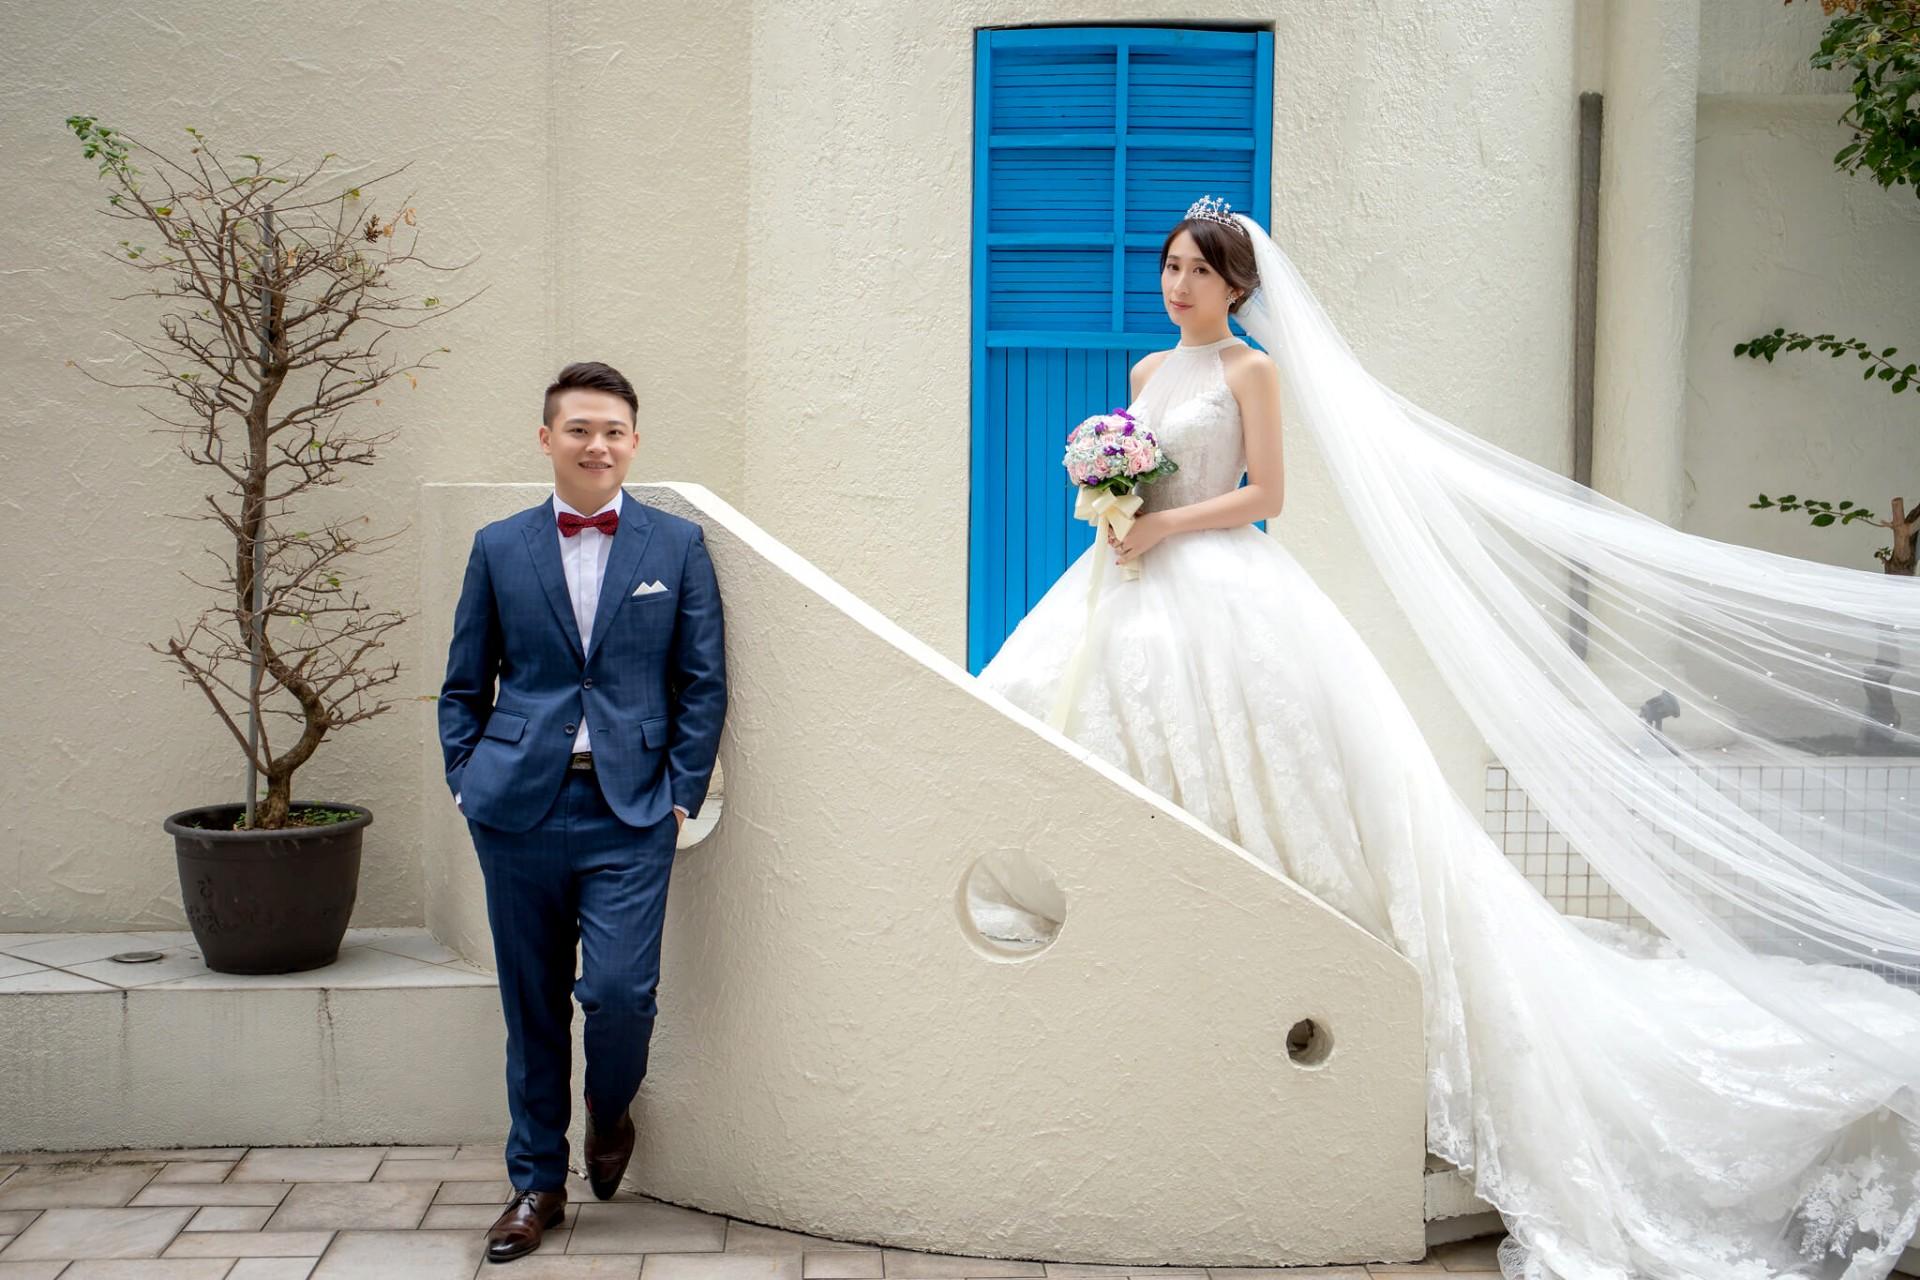 婚禮攝影,台北婚攝,台南海鮮餐廳婚攝,士林台南海鮮餐廳婚禮攝影,婚攝推薦,婚攝ptt推薦,婚攝作品,婚攝價格,臉紅紅婚禮攝影